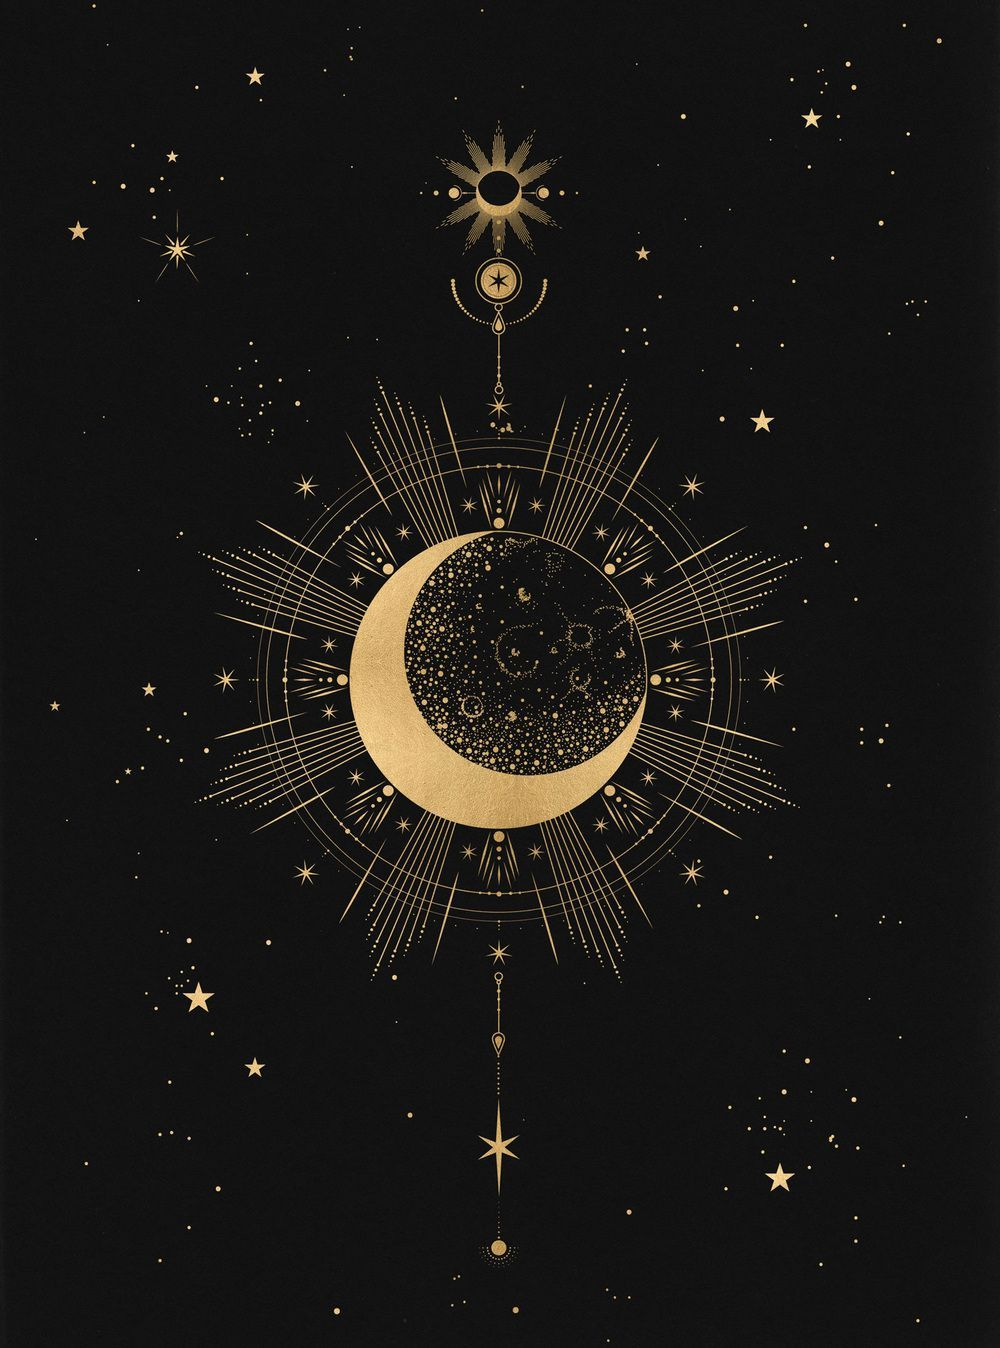 астролог ирина тимошенко гороскоп на май 2019 водолей гороскоп на